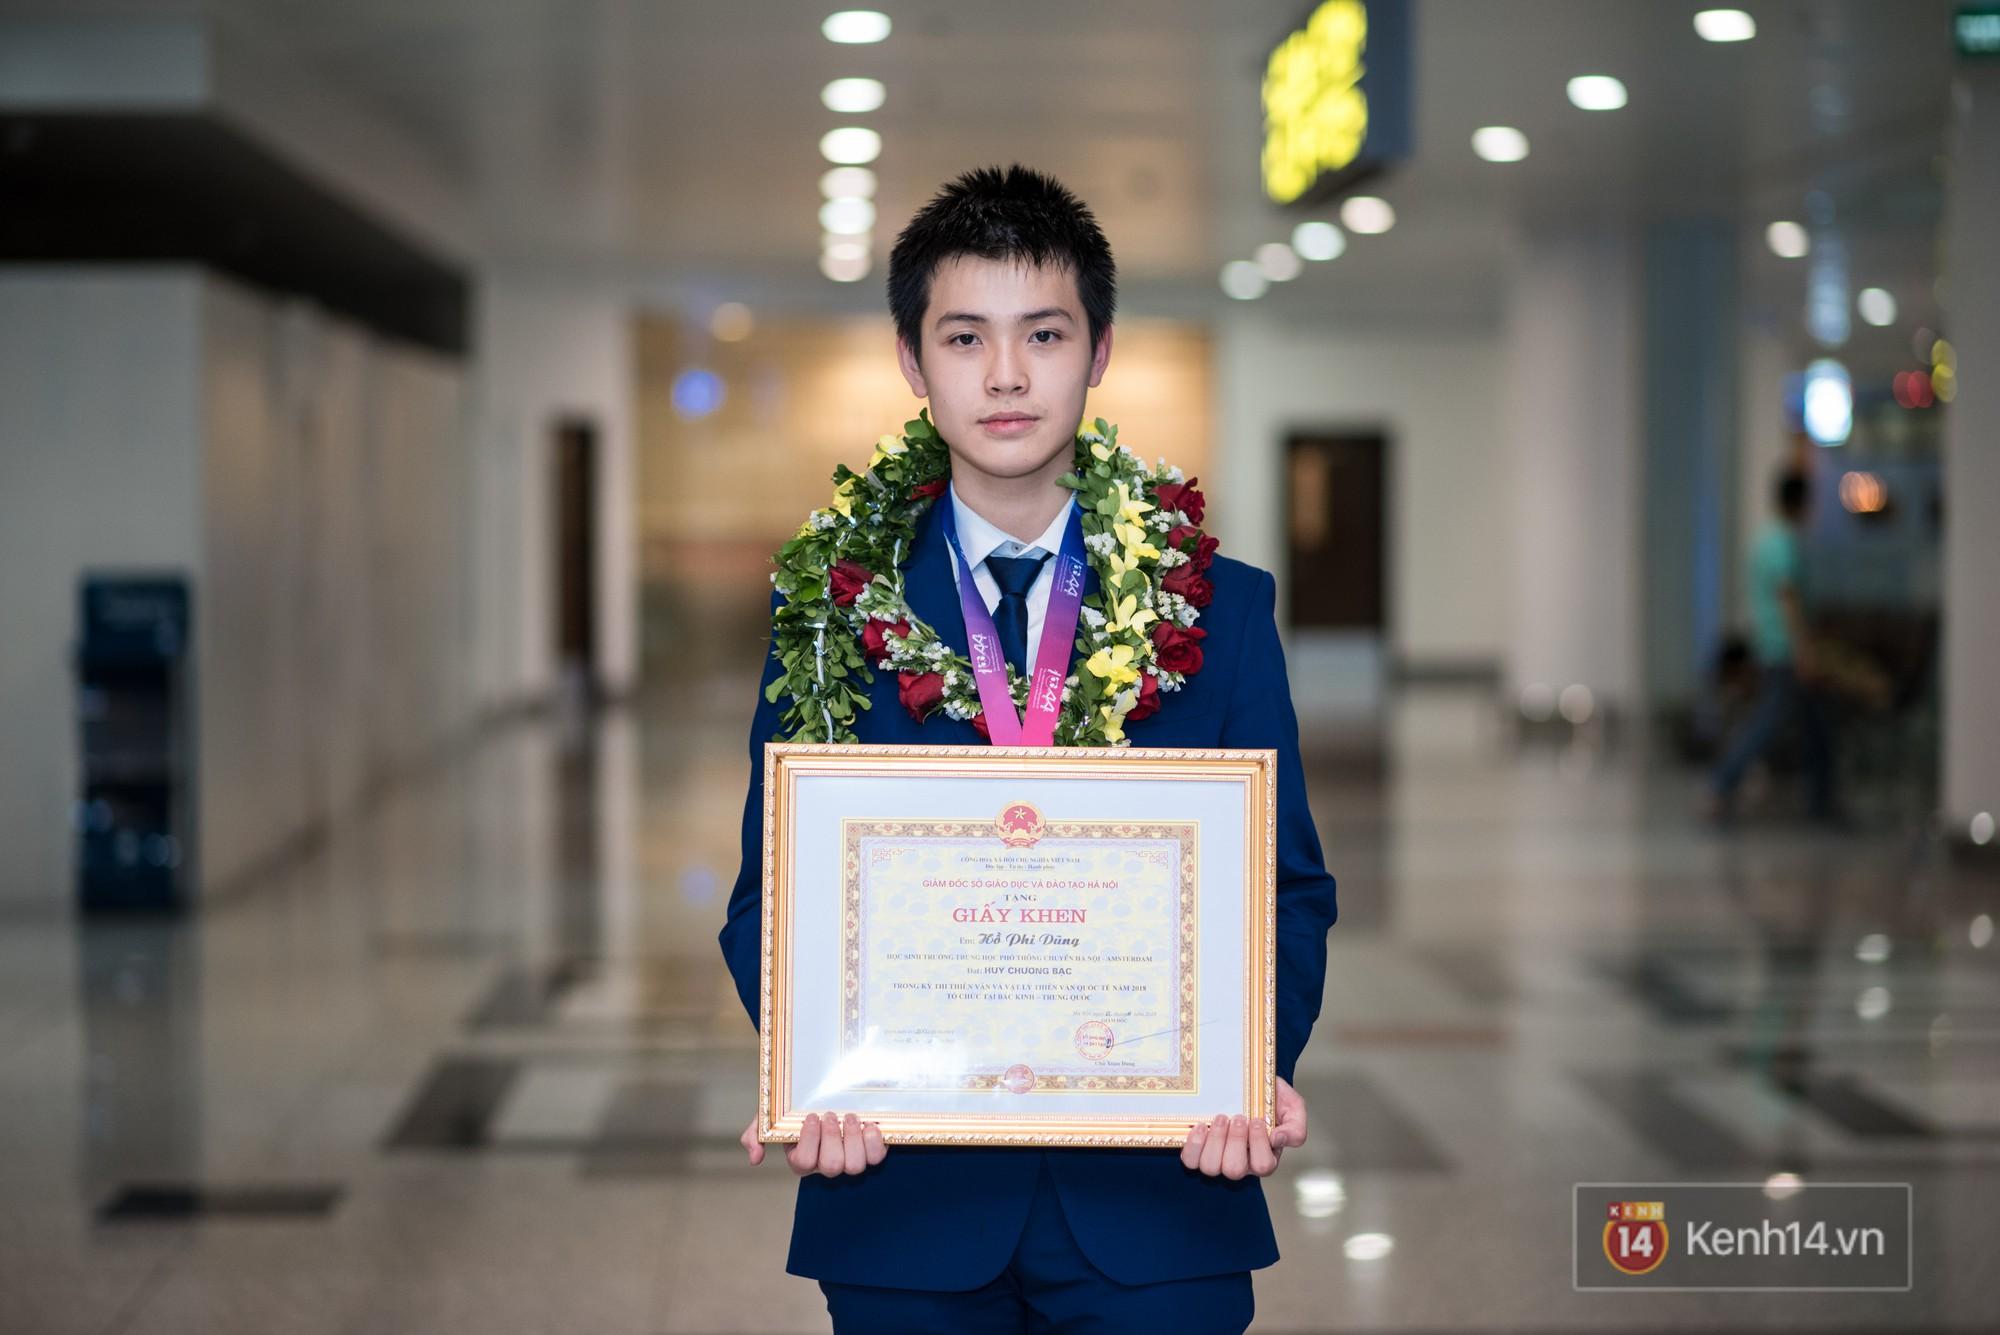 Nam sinh 2002 đẹp trai như nam thần, giành HCB Olympic Thiên văn học Quốc tế: Mê chơi LOL, đang tập gym để có 6 múi - Ảnh 8.